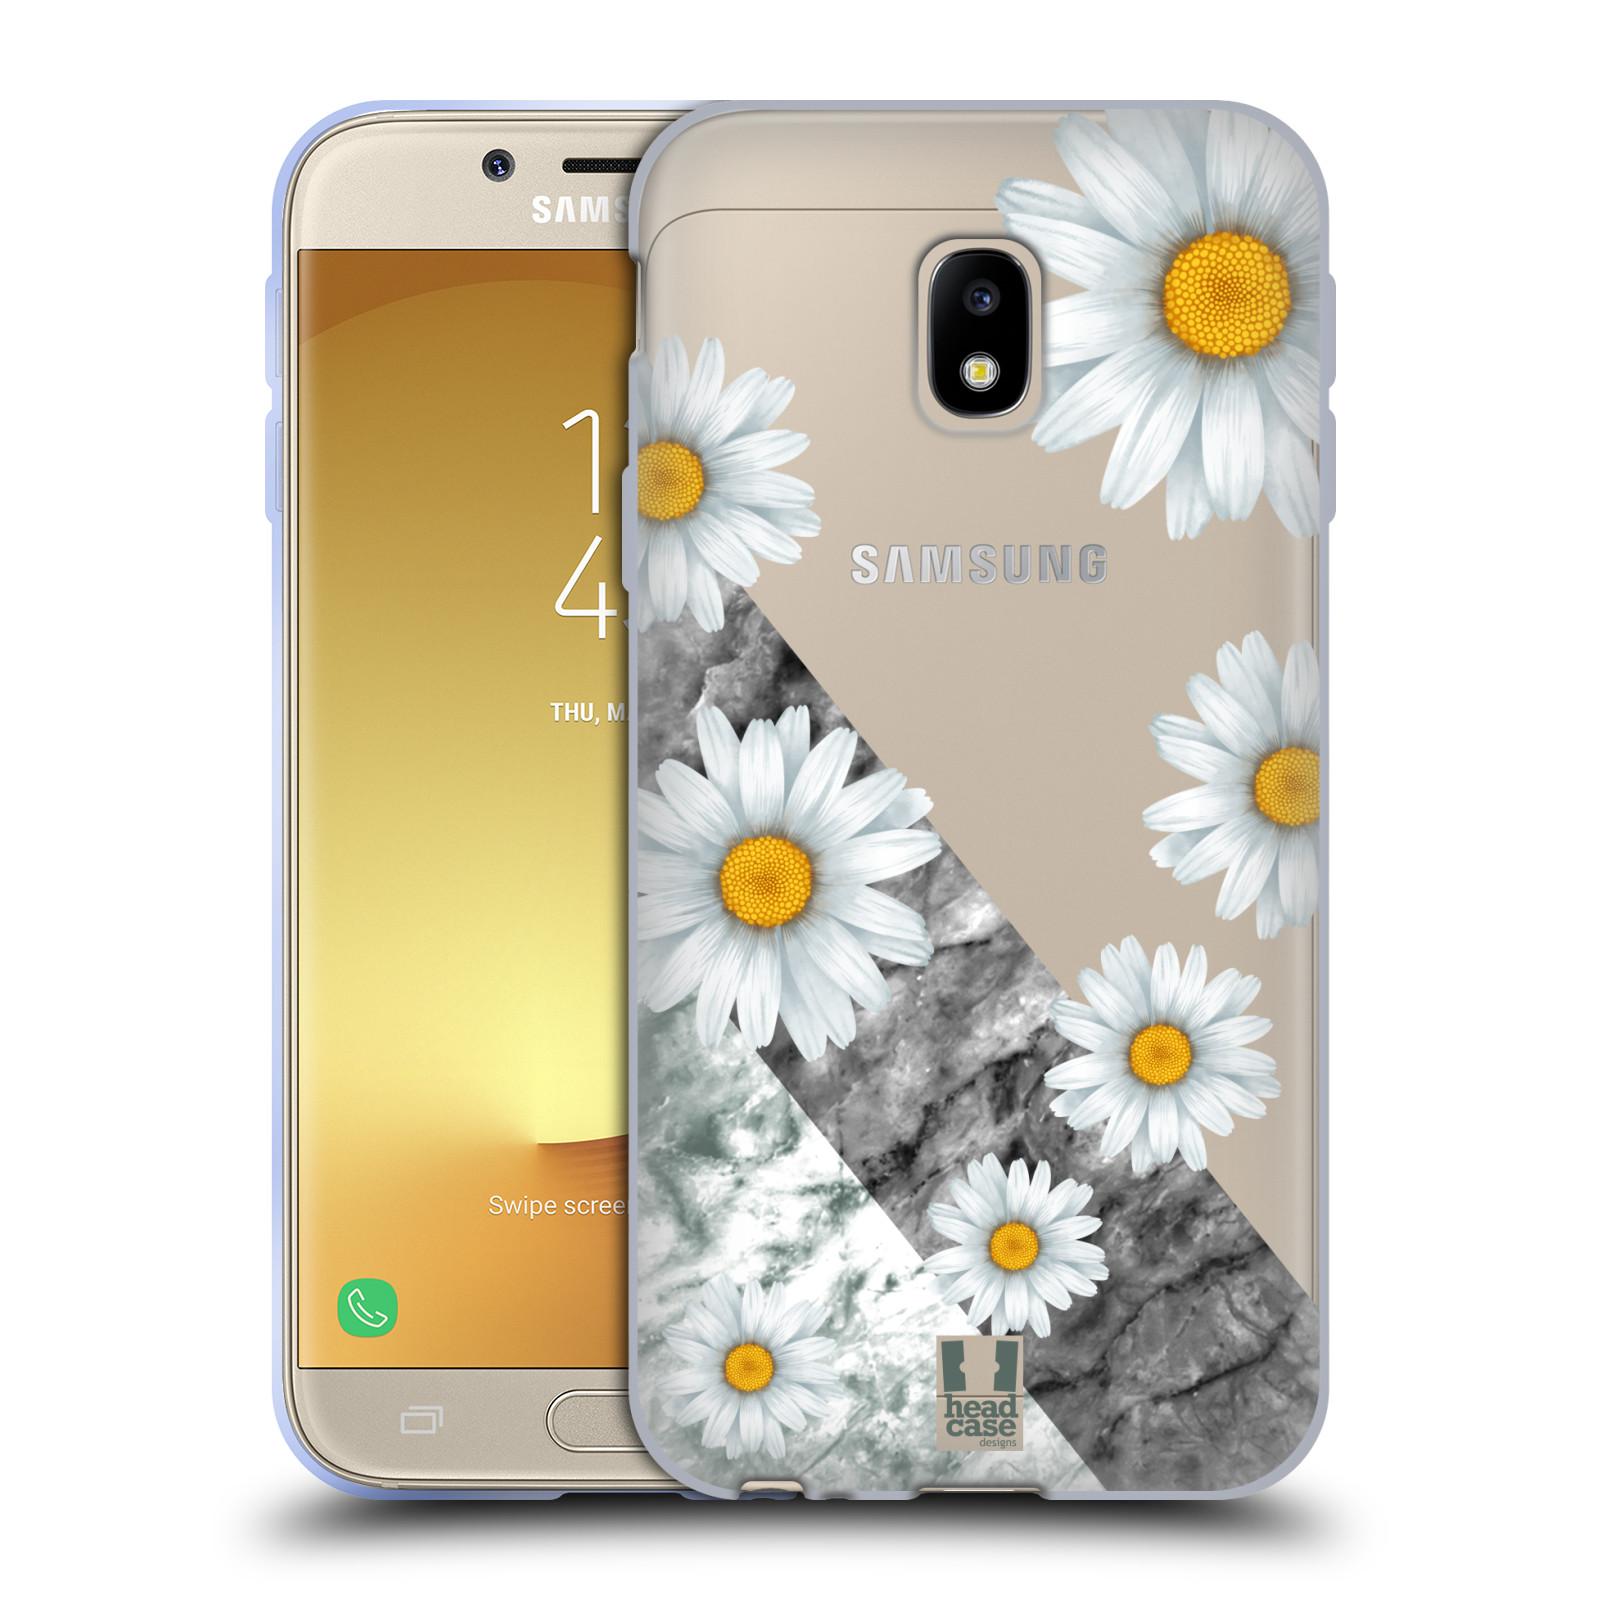 Silikonové pouzdro na mobil Samsung Galaxy J3 (2017) - Head Case - Kopretiny a mramor